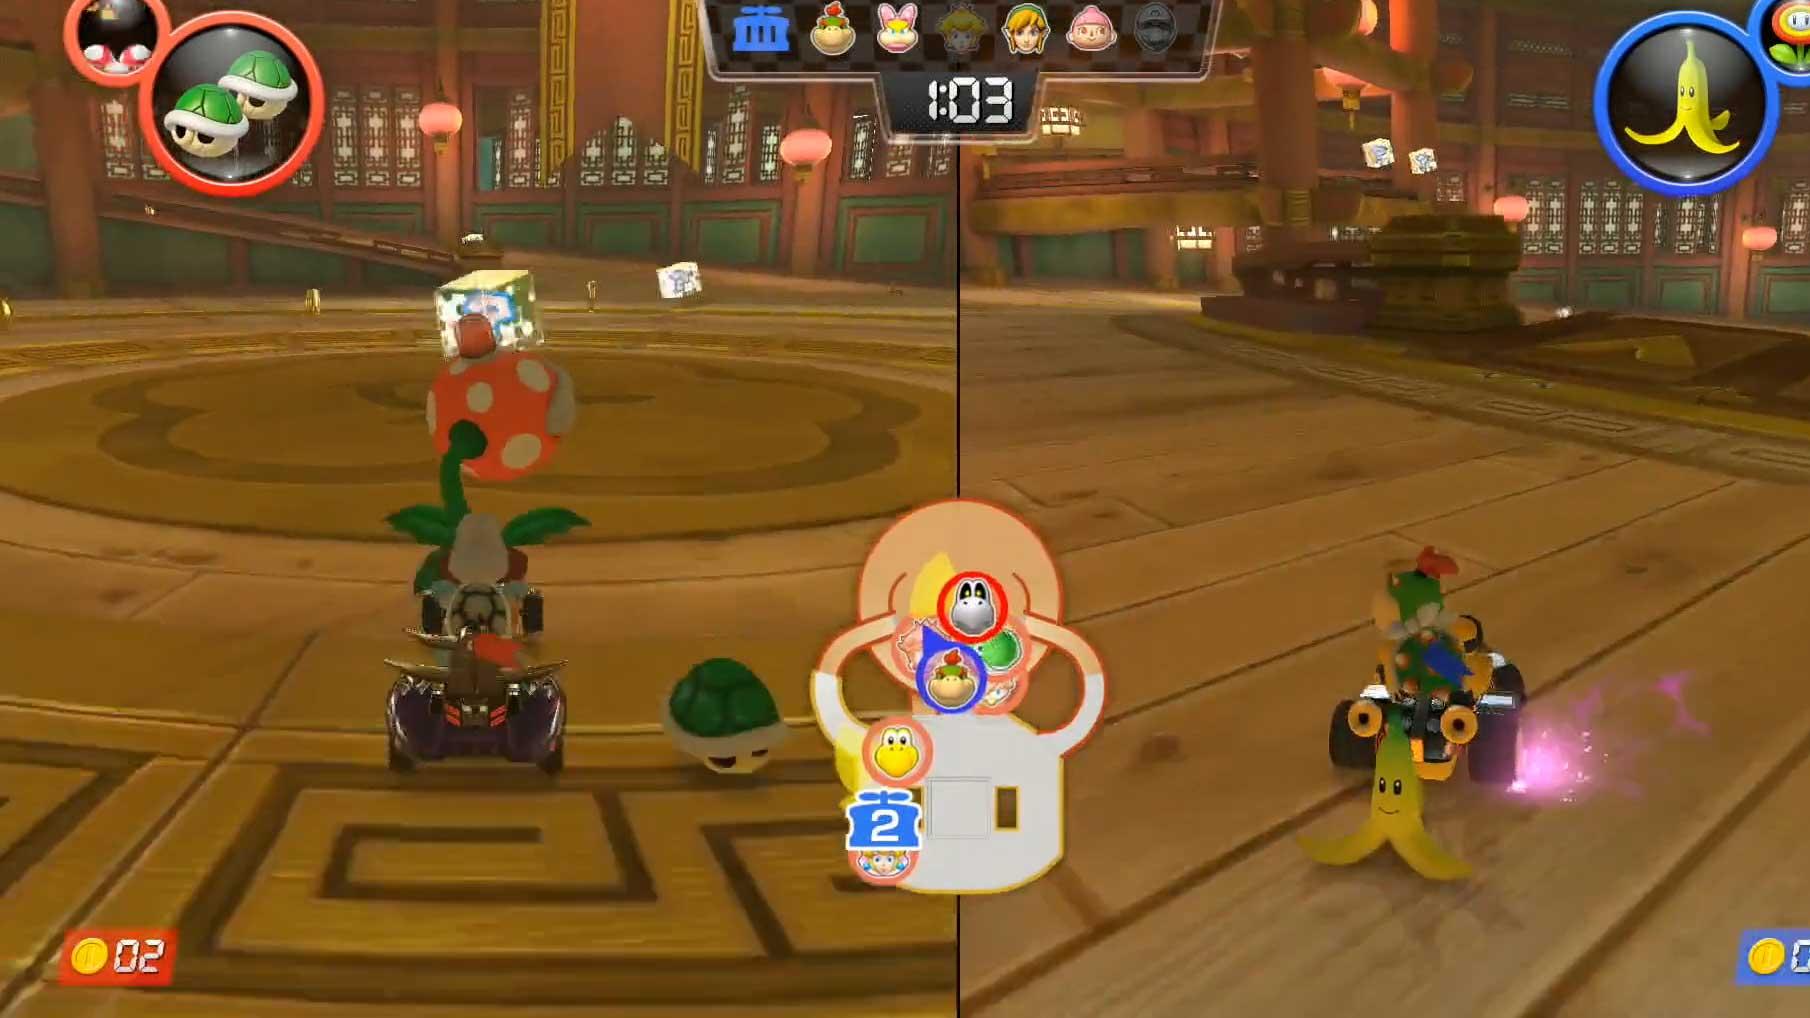 Mario Kart 8 Deluxe patrulla piraña